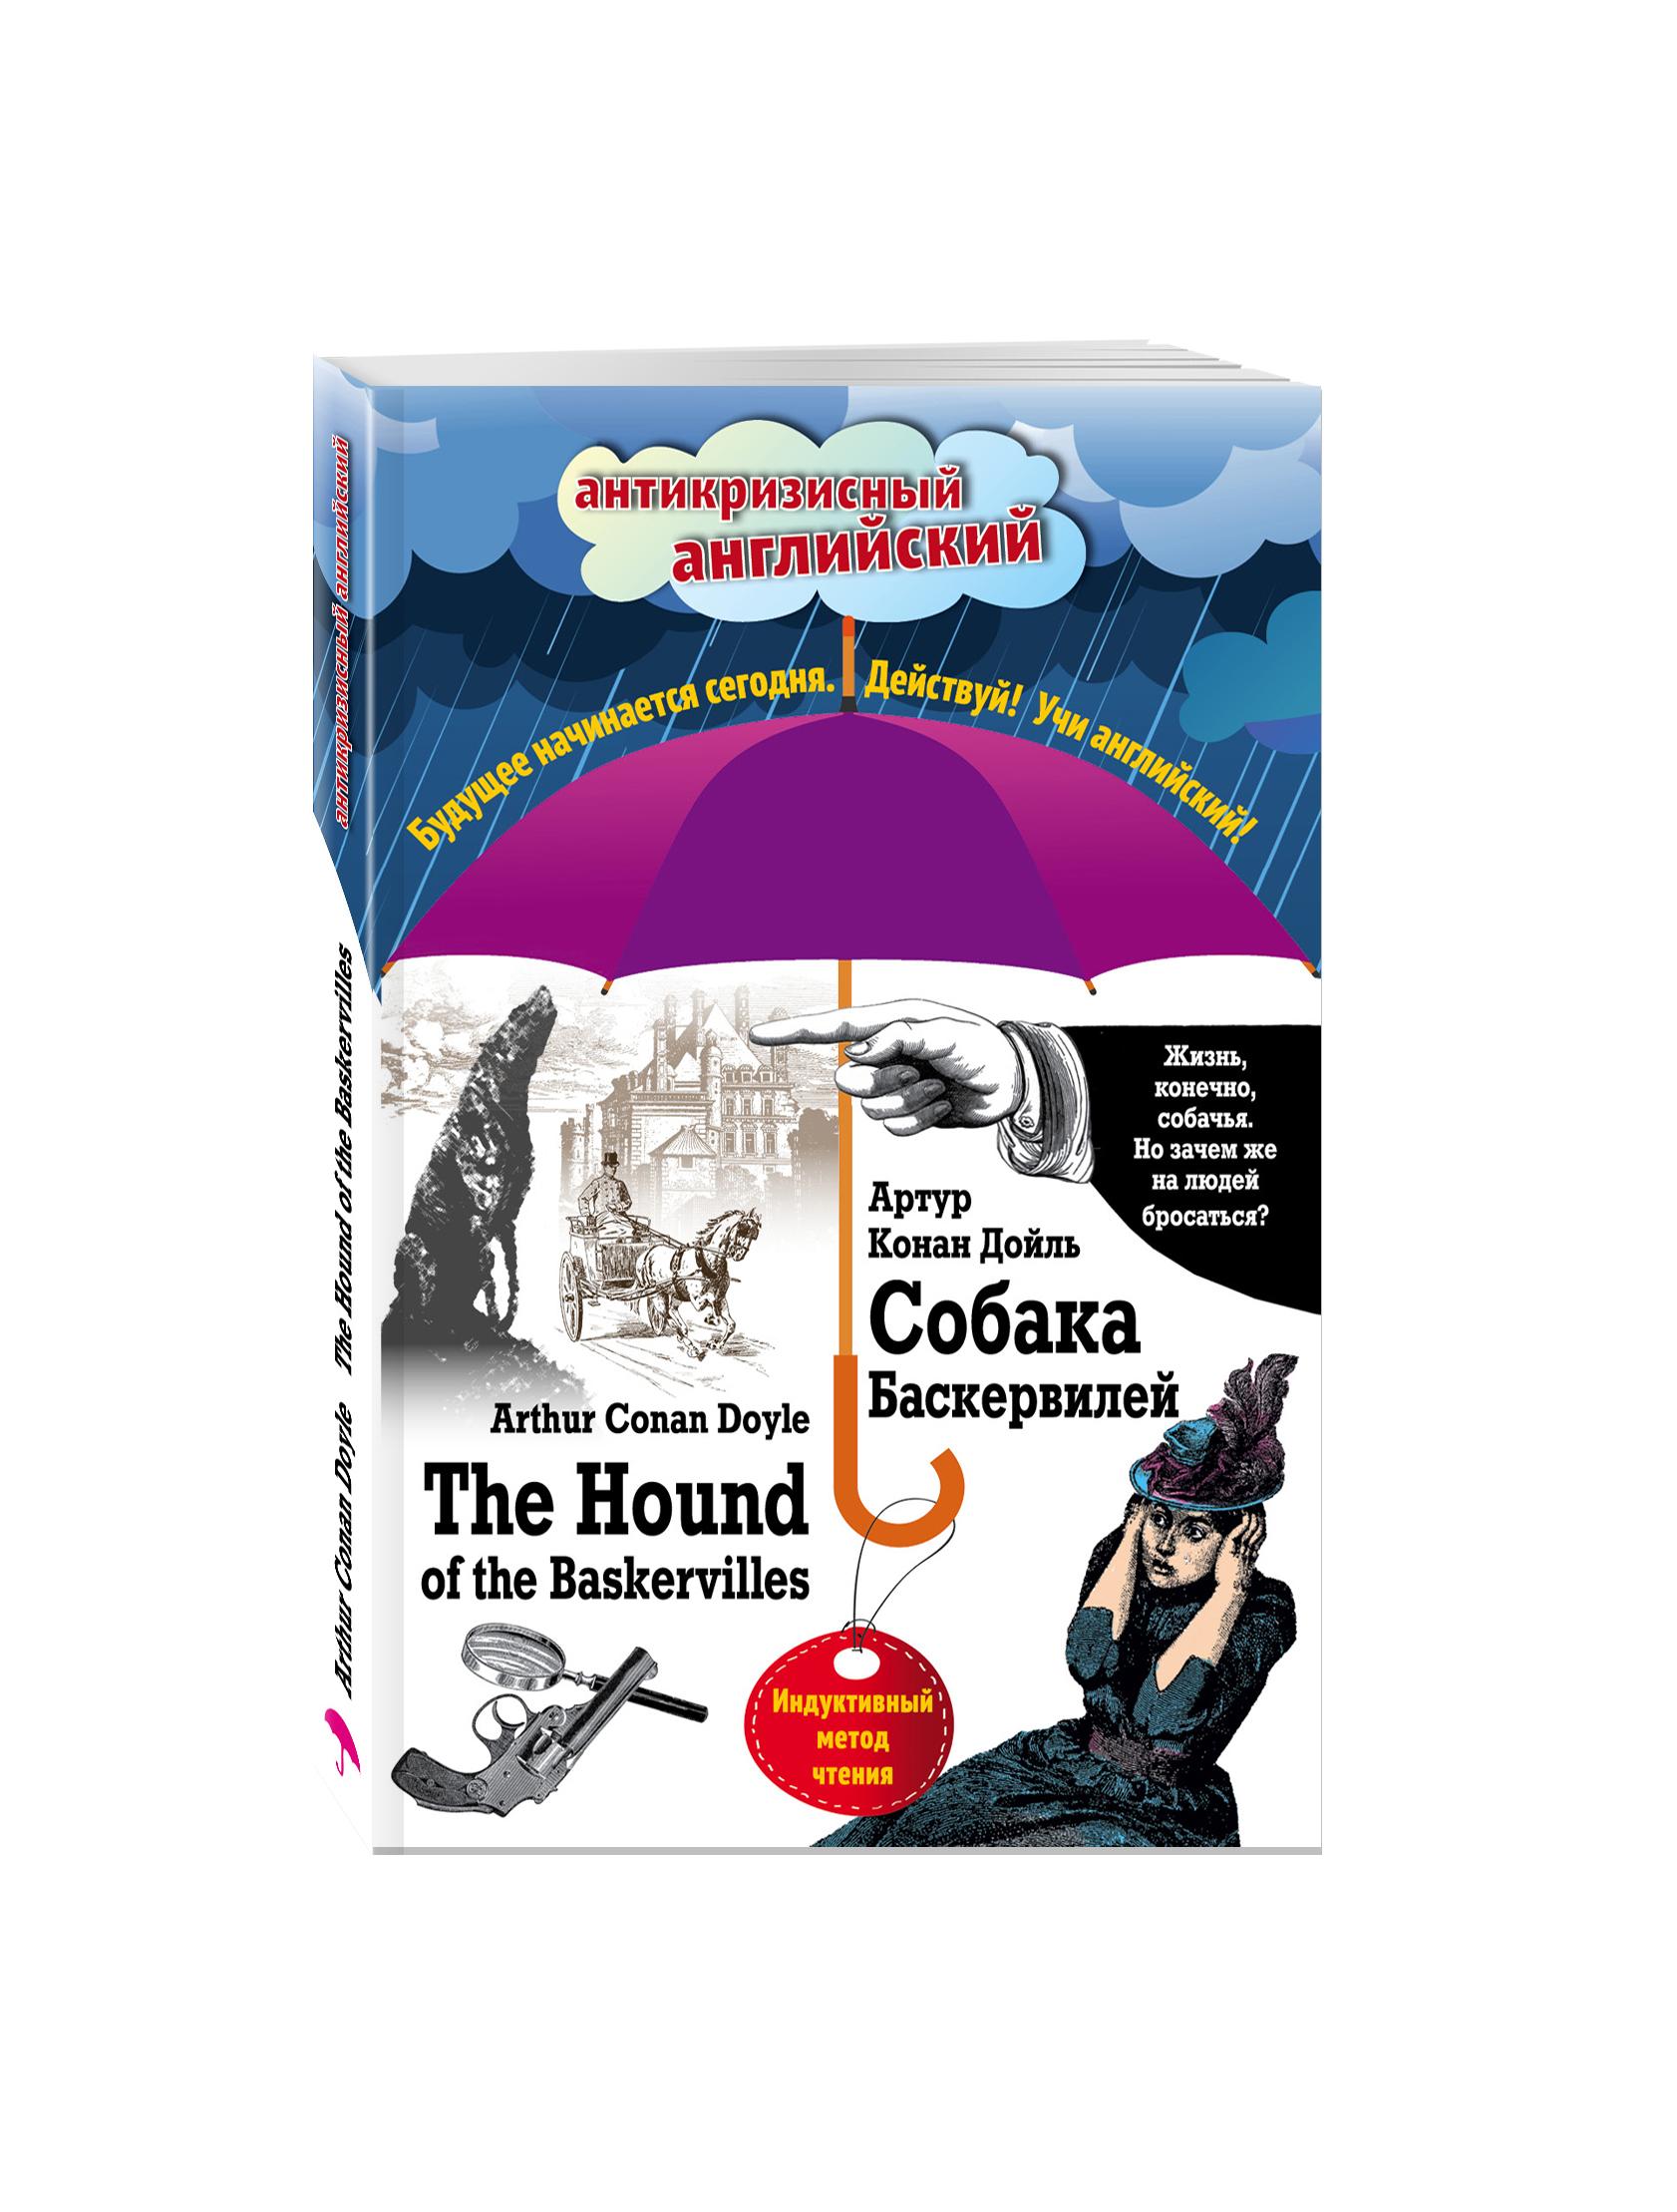 Дойл А. Собака Баскервилей = The Hound of the Baskervilles: Индуктивный метод чтения ISBN: 978-5-699-83570-6 дойл а собака баскервилей the hound of the baskervilles индуктивный метод чтения